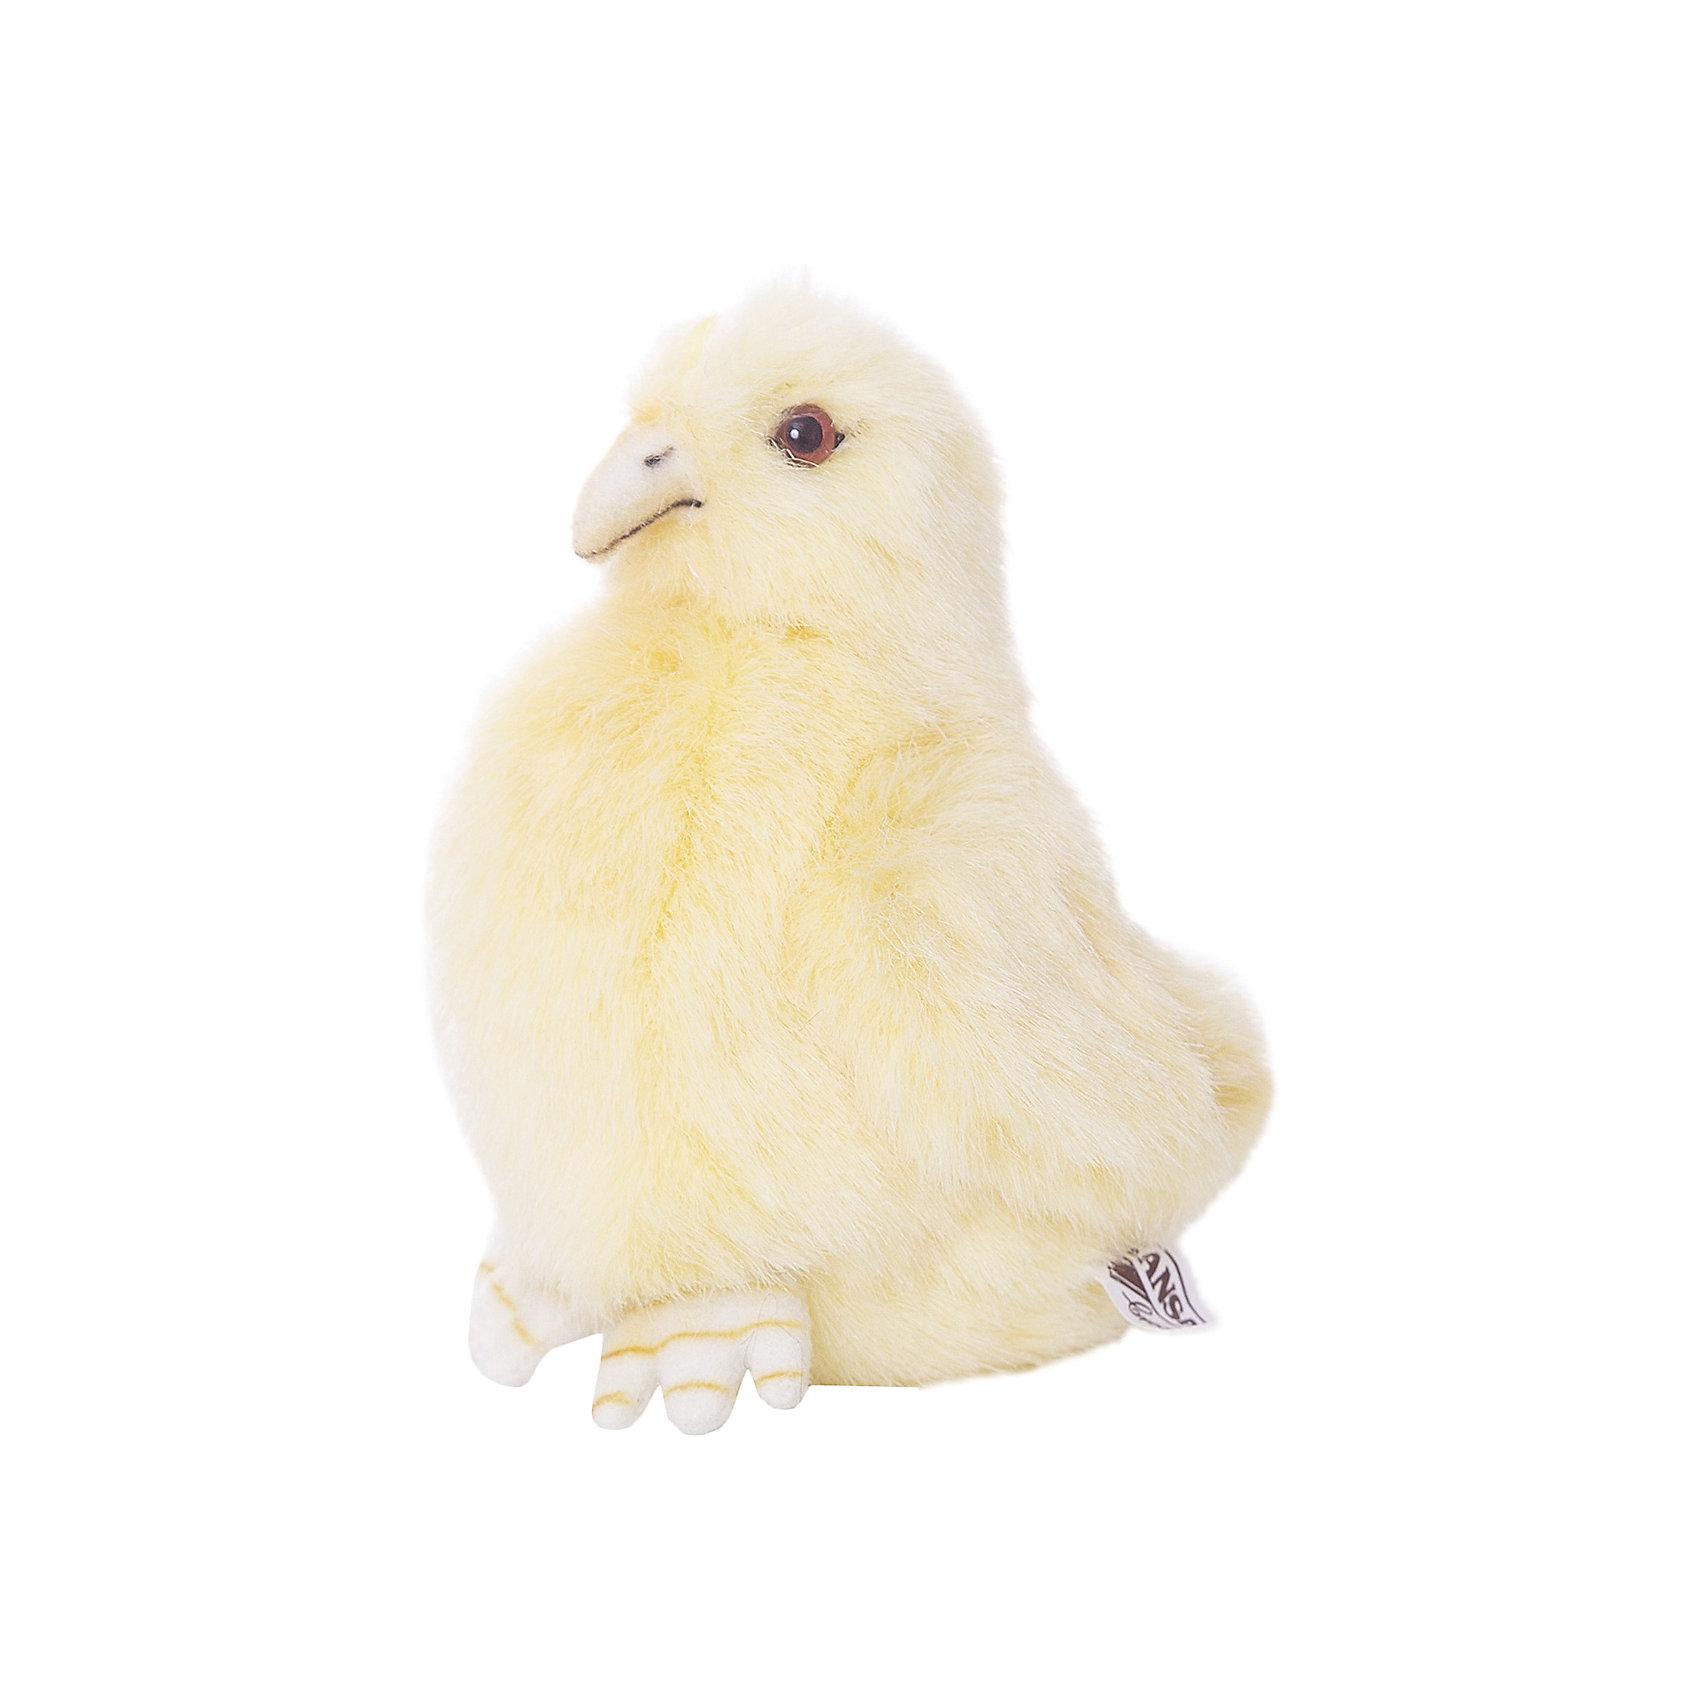 Цыпленок, 13 см,  HansaСимвол 2017 года: Петух<br>Игрушечная версия потешного маленького цыпленка с забавными крылышками и клювиком станет самой желанной игрушкой для Вашего малыша. Игрушка изготовлена известным производителем детских игрушек Hansa (Ханса). Приятный на ощупь, мягкий пушок цыпленка точно имитирует по цвету пух и окрас настоящего животного. Внутри мягкая игрушка плотно набита вручную искусственным мехом, волокна которого не содержат вредных химических раздражителей. Игрушка Цыпленок  от Hansa (Ханса) разнообразит детские игры, благоприятно воздействуя на развитие воображение и фантазии, зрительное и тактильное восприятие. Игрушка сшита вручную из искусственного меха, текстиля и иных материалов высокого качества.  Модель может быть использована не только в качестве классической мягкой игрушки, но и как элемент декора в интерьере.<br>Заведите себе мягкого симпатичного цыпленка!<br><br>Дополнительная информация:<br><br>- Высота: 13 см;<br>- Материал: искусственный мех, текстиль;<br>- Размер упаковки: 13 х 10 х 12 см;<br>- Вес с упаковкой: 25 г.<br><br>Цыпленка 13 см,  Hansa (Ханса) можно купить в нашем интернет-магазине.<br><br>Ширина мм: 130<br>Глубина мм: 120<br>Высота мм: 100<br>Вес г: 25<br>Возраст от месяцев: 144<br>Возраст до месяцев: 252<br>Пол: Унисекс<br>Возраст: Детский<br>SKU: 3563697